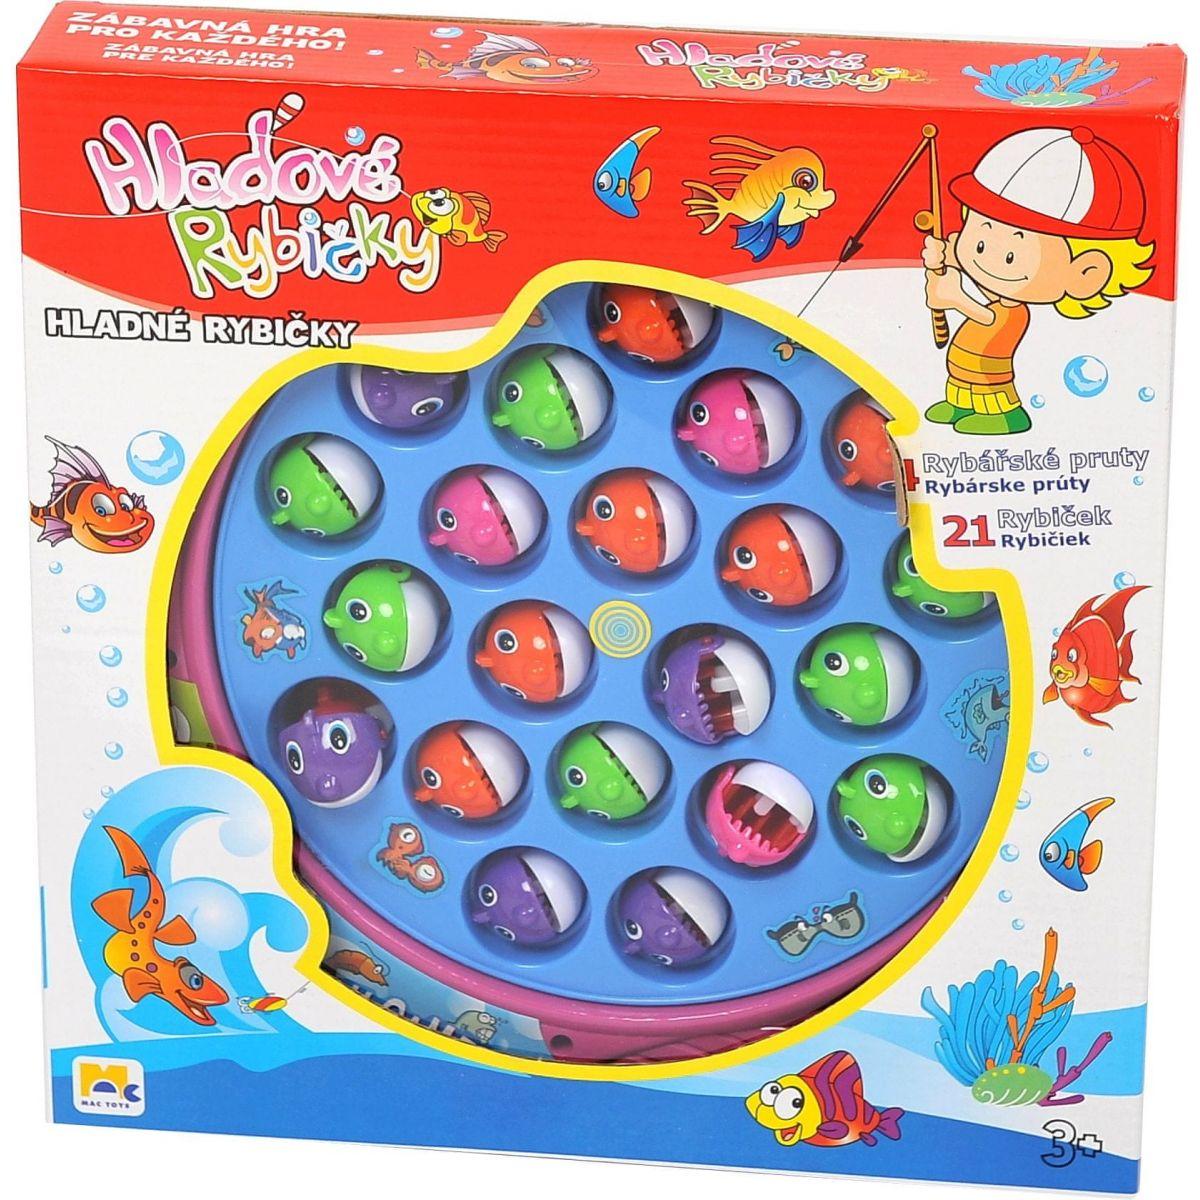 Mac Toys Hladové rybičky - Poškodený obal